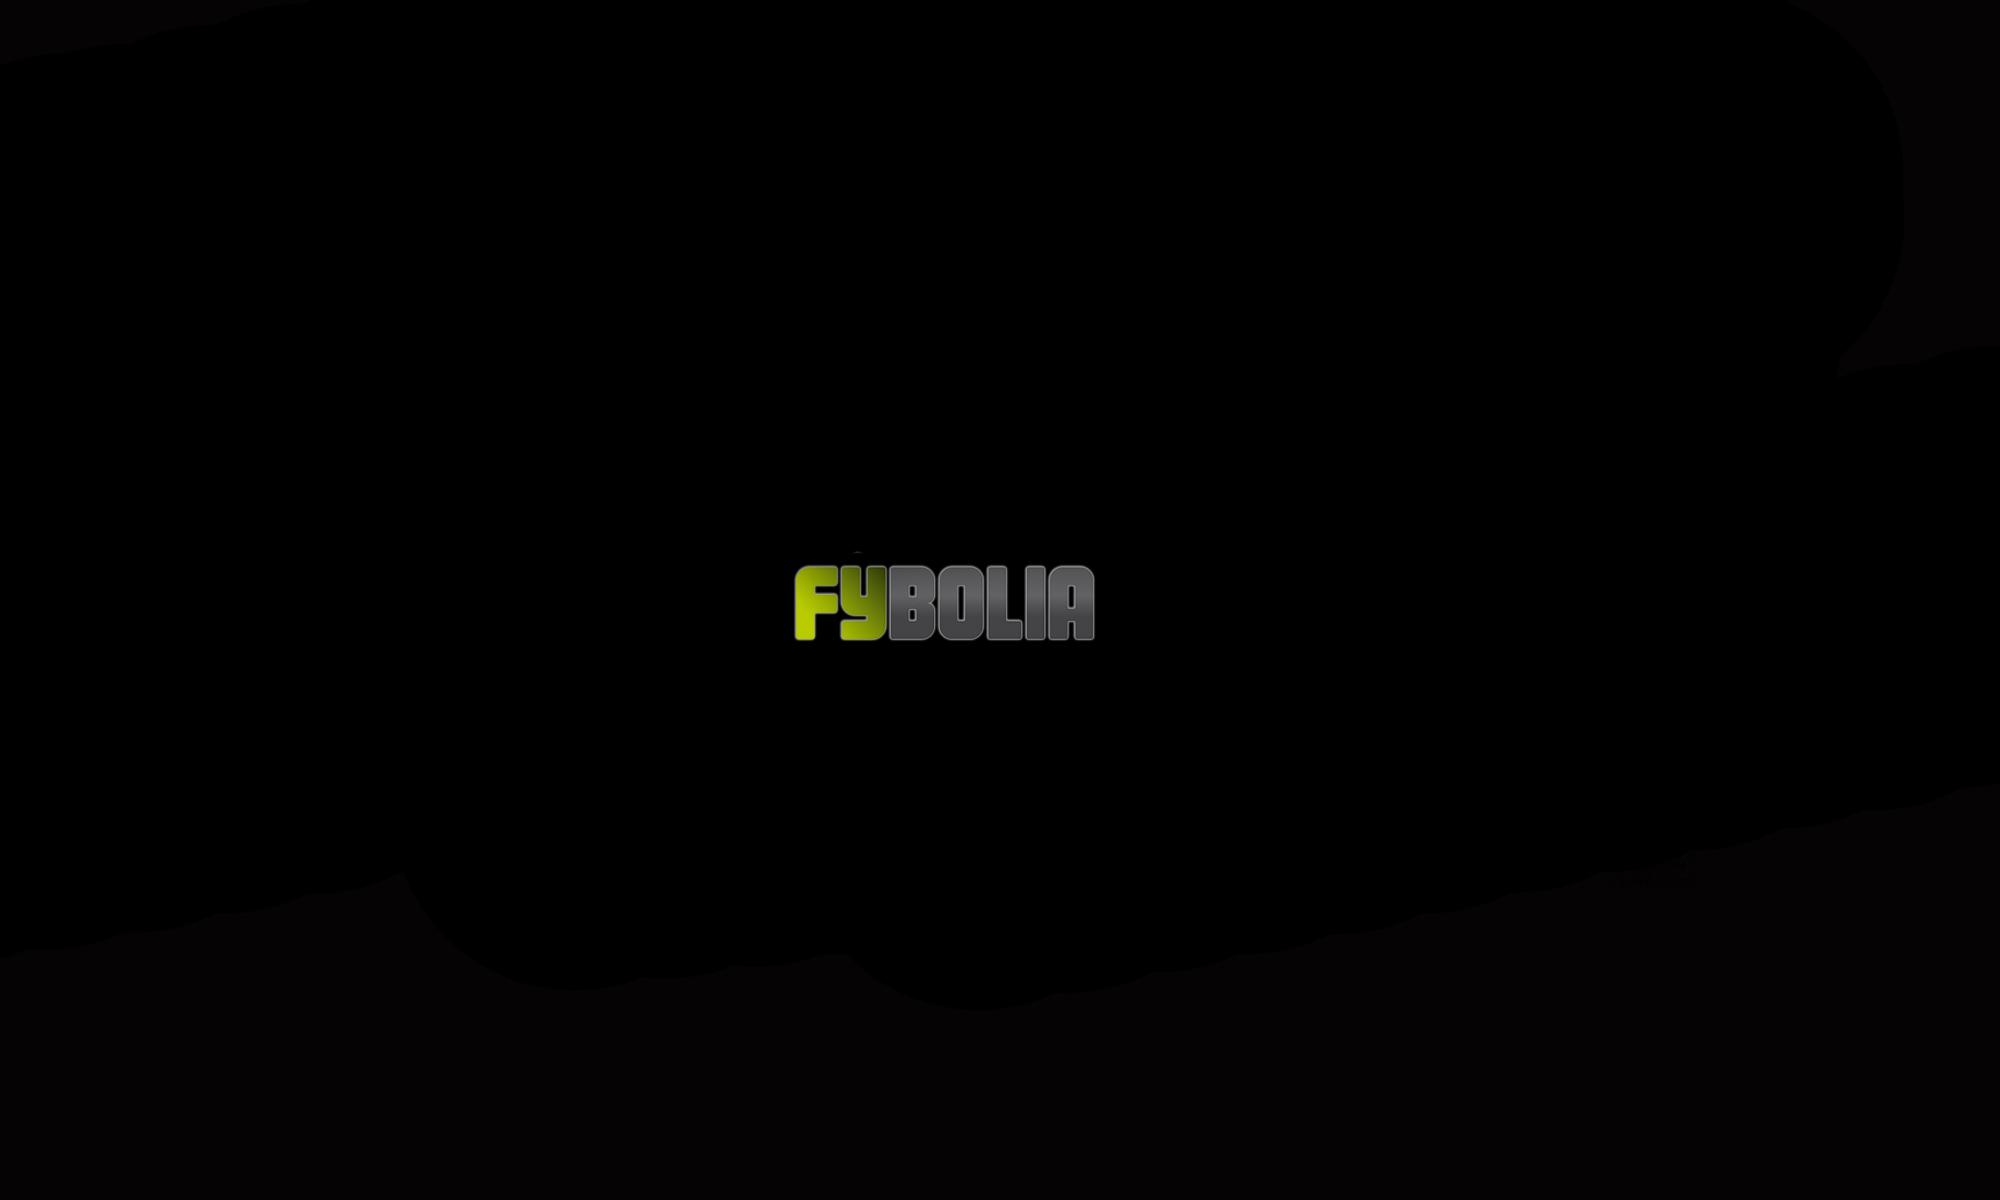 Fybolia